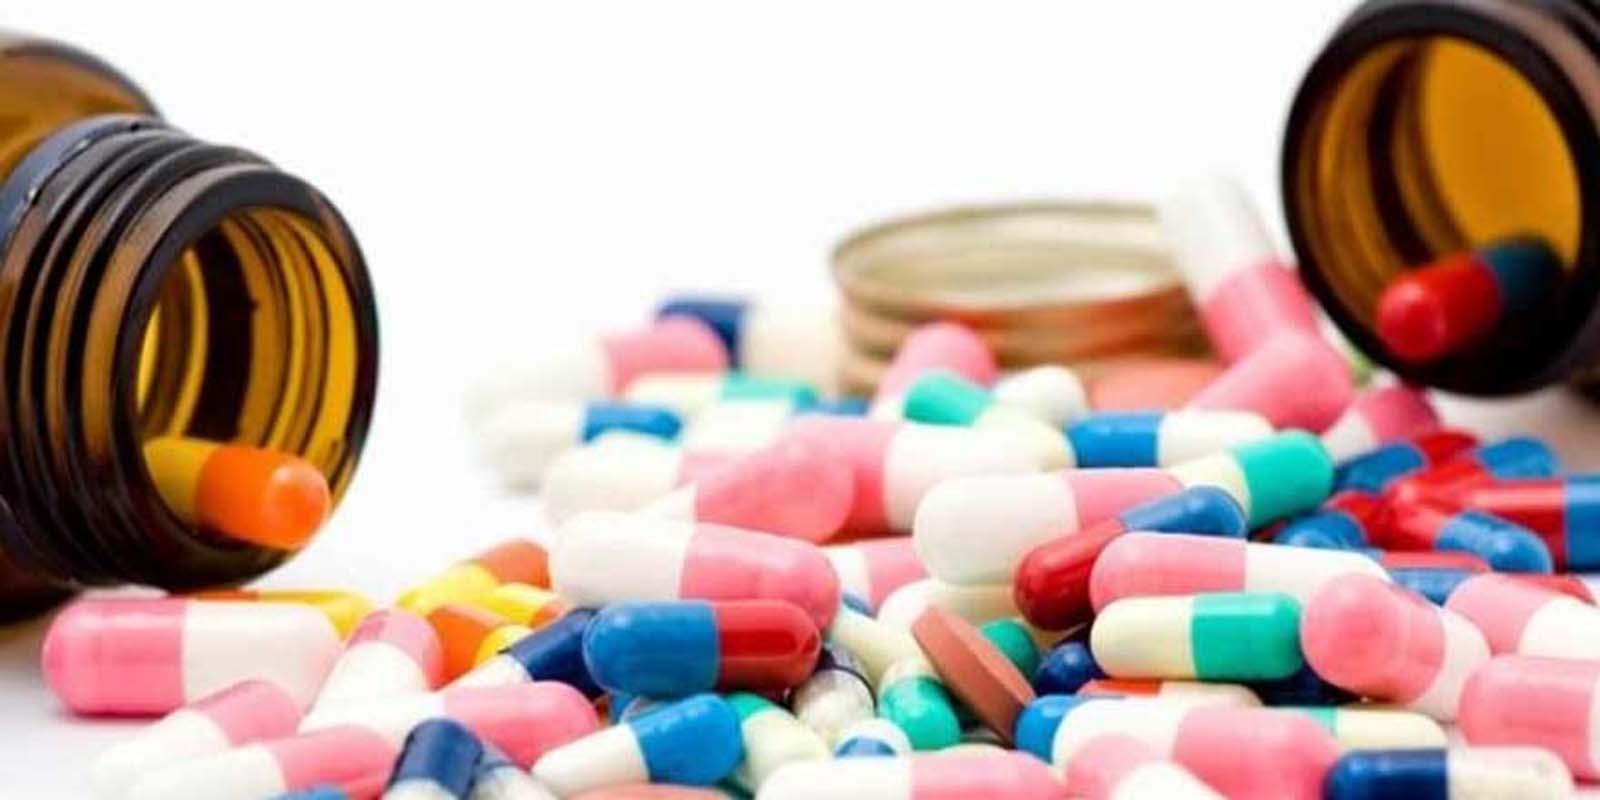 İnternette satılan zayıflama ilaçlarına dikkat! Öldürüyor